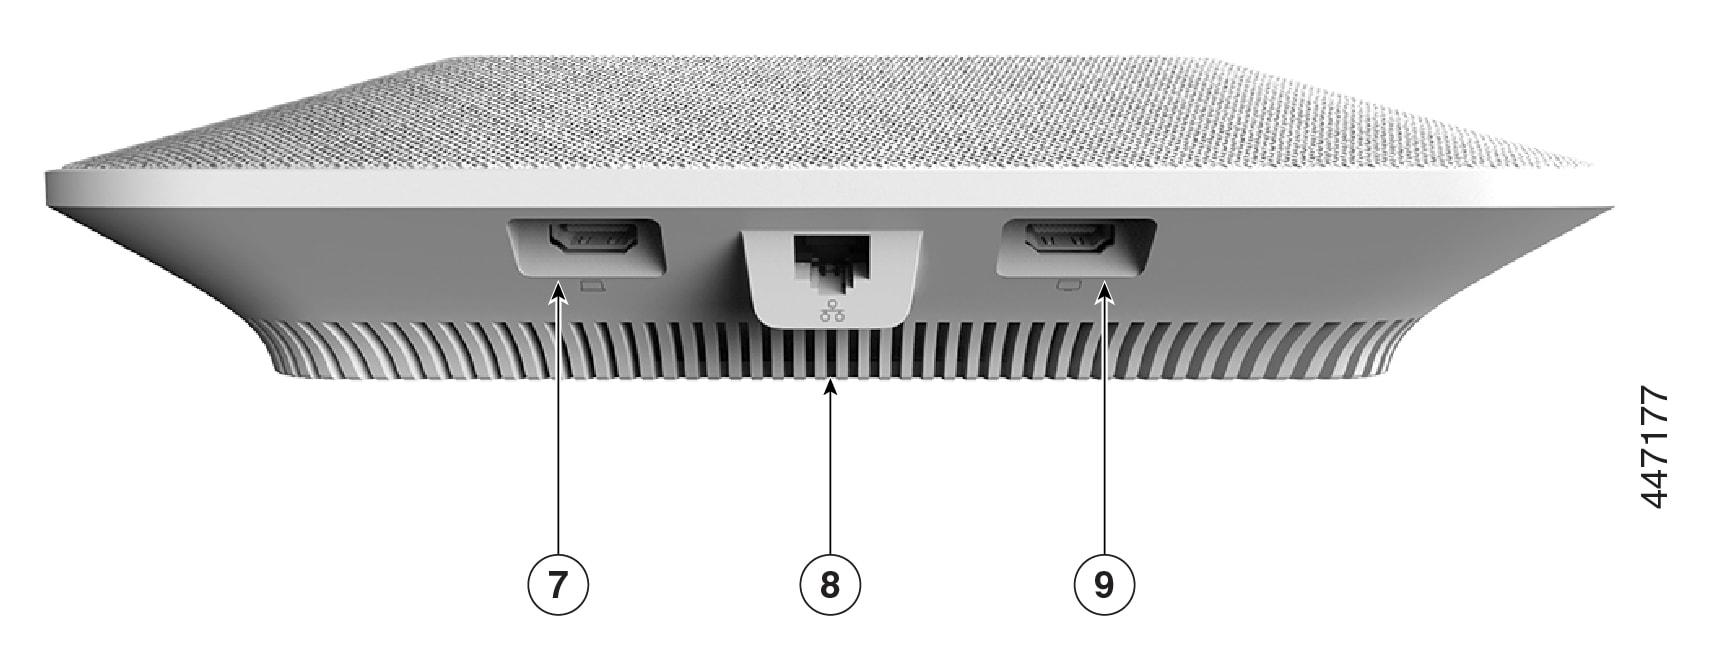 呼び出し: 番号 6 は、コンピュータ HDMI ポートを指します。番号 7 は LAN ポートを指します。番号 8 は、表示画面の HDMI ポートを指します。